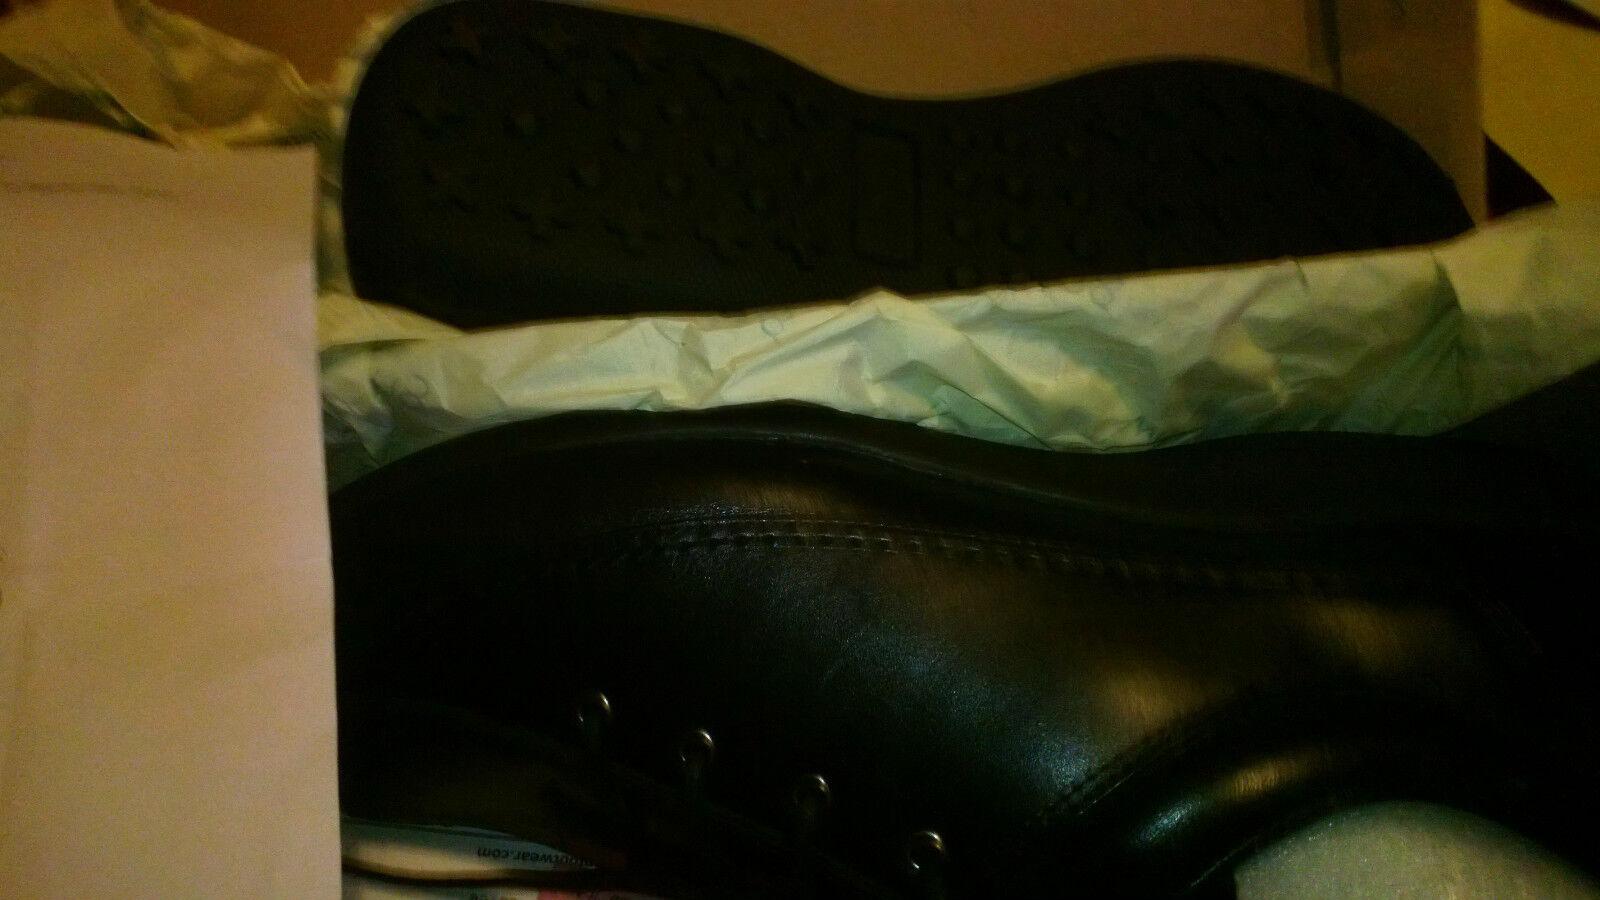 Damenschuhe Schuhes Walking Cradles Hard/Softer world Comfy